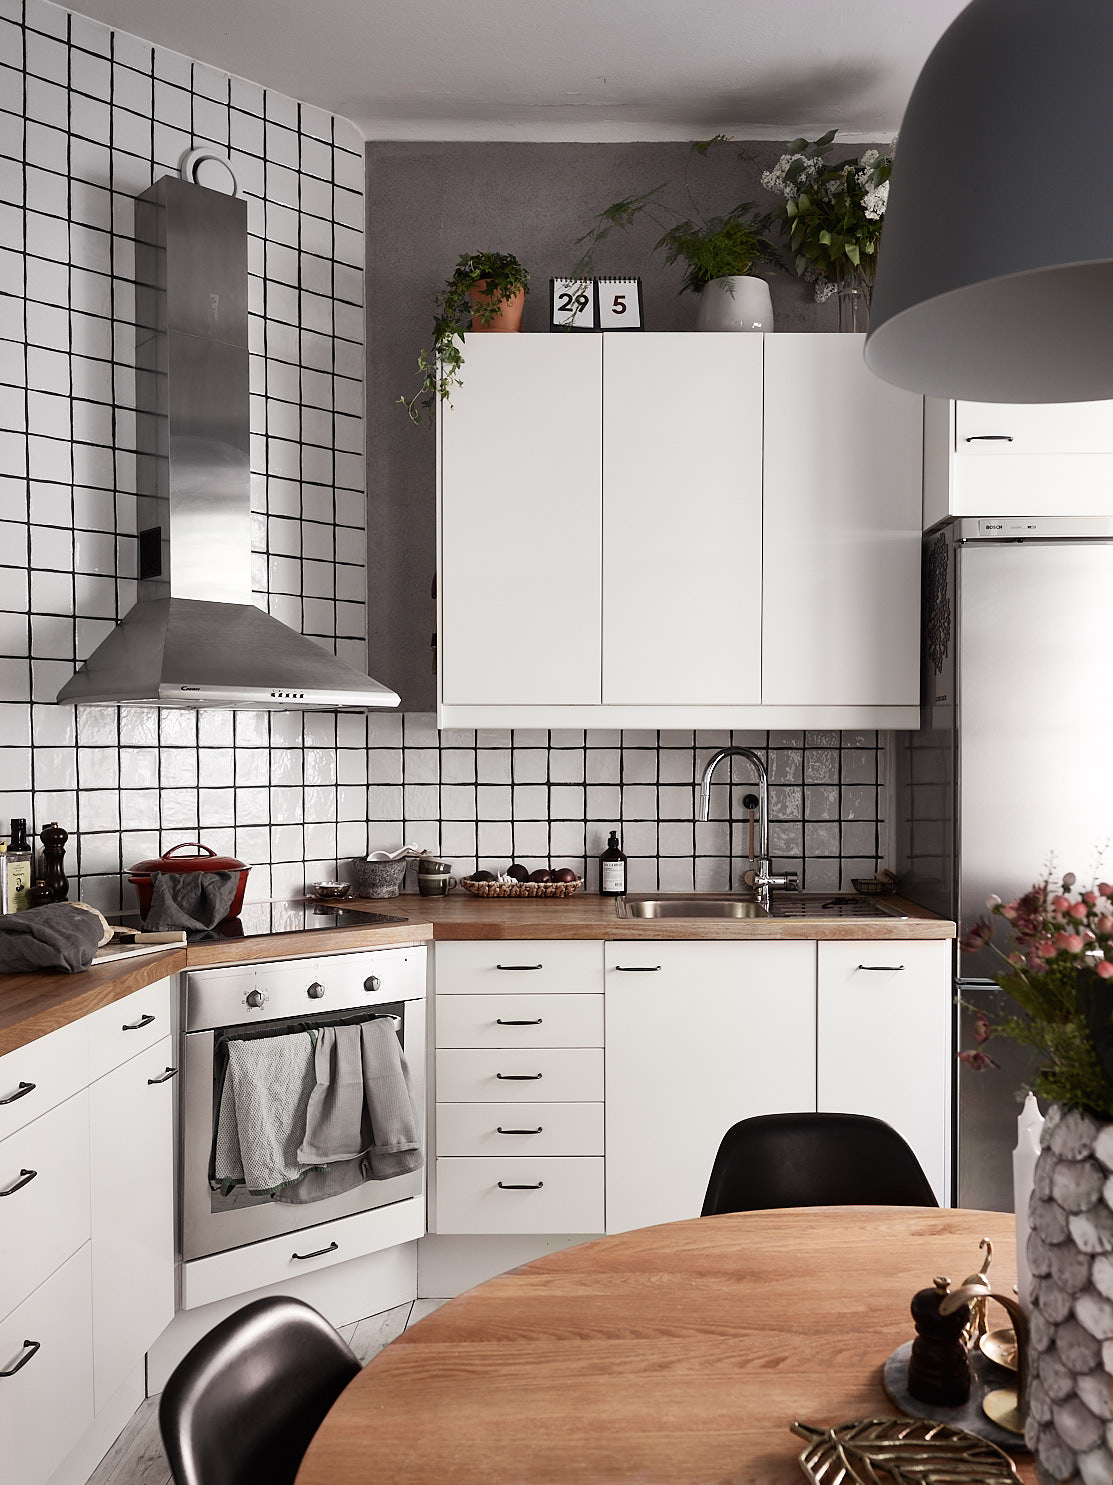 белая кухня плита вытяжка столешница мойка холодильник